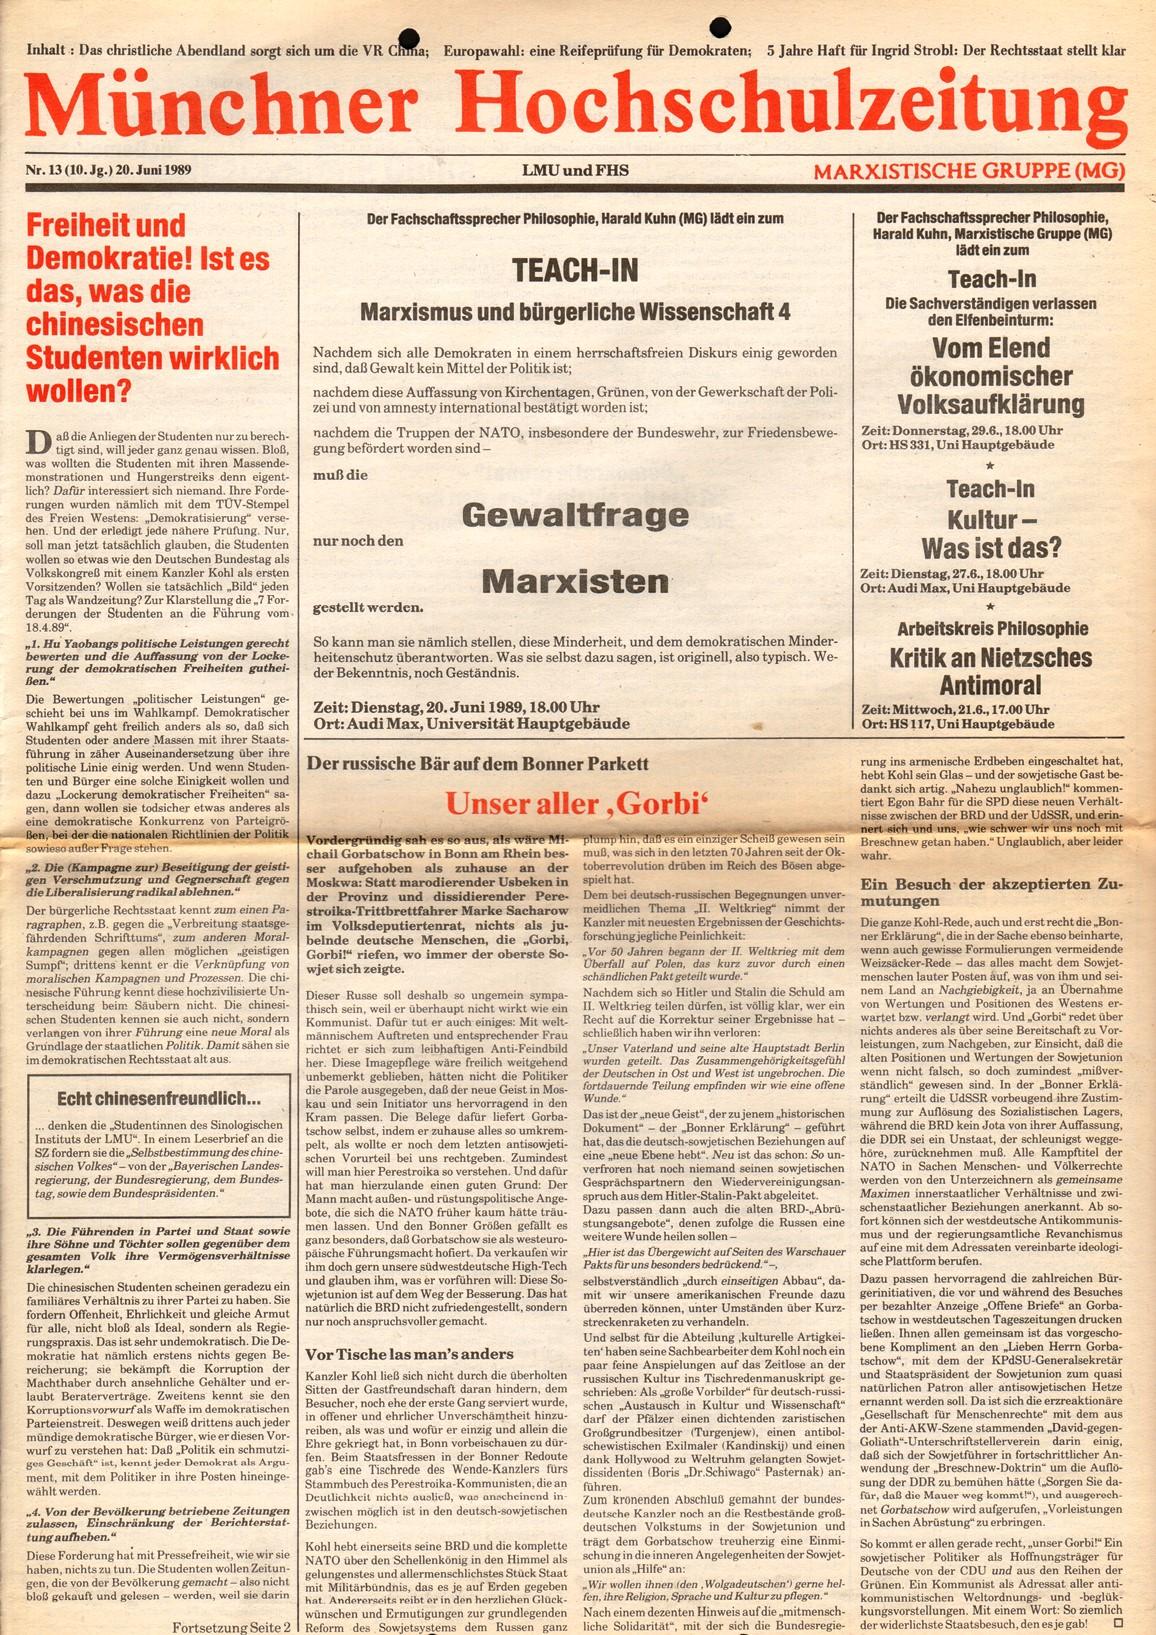 Muenchen_MG_Hochschulzeitung_19890620_01